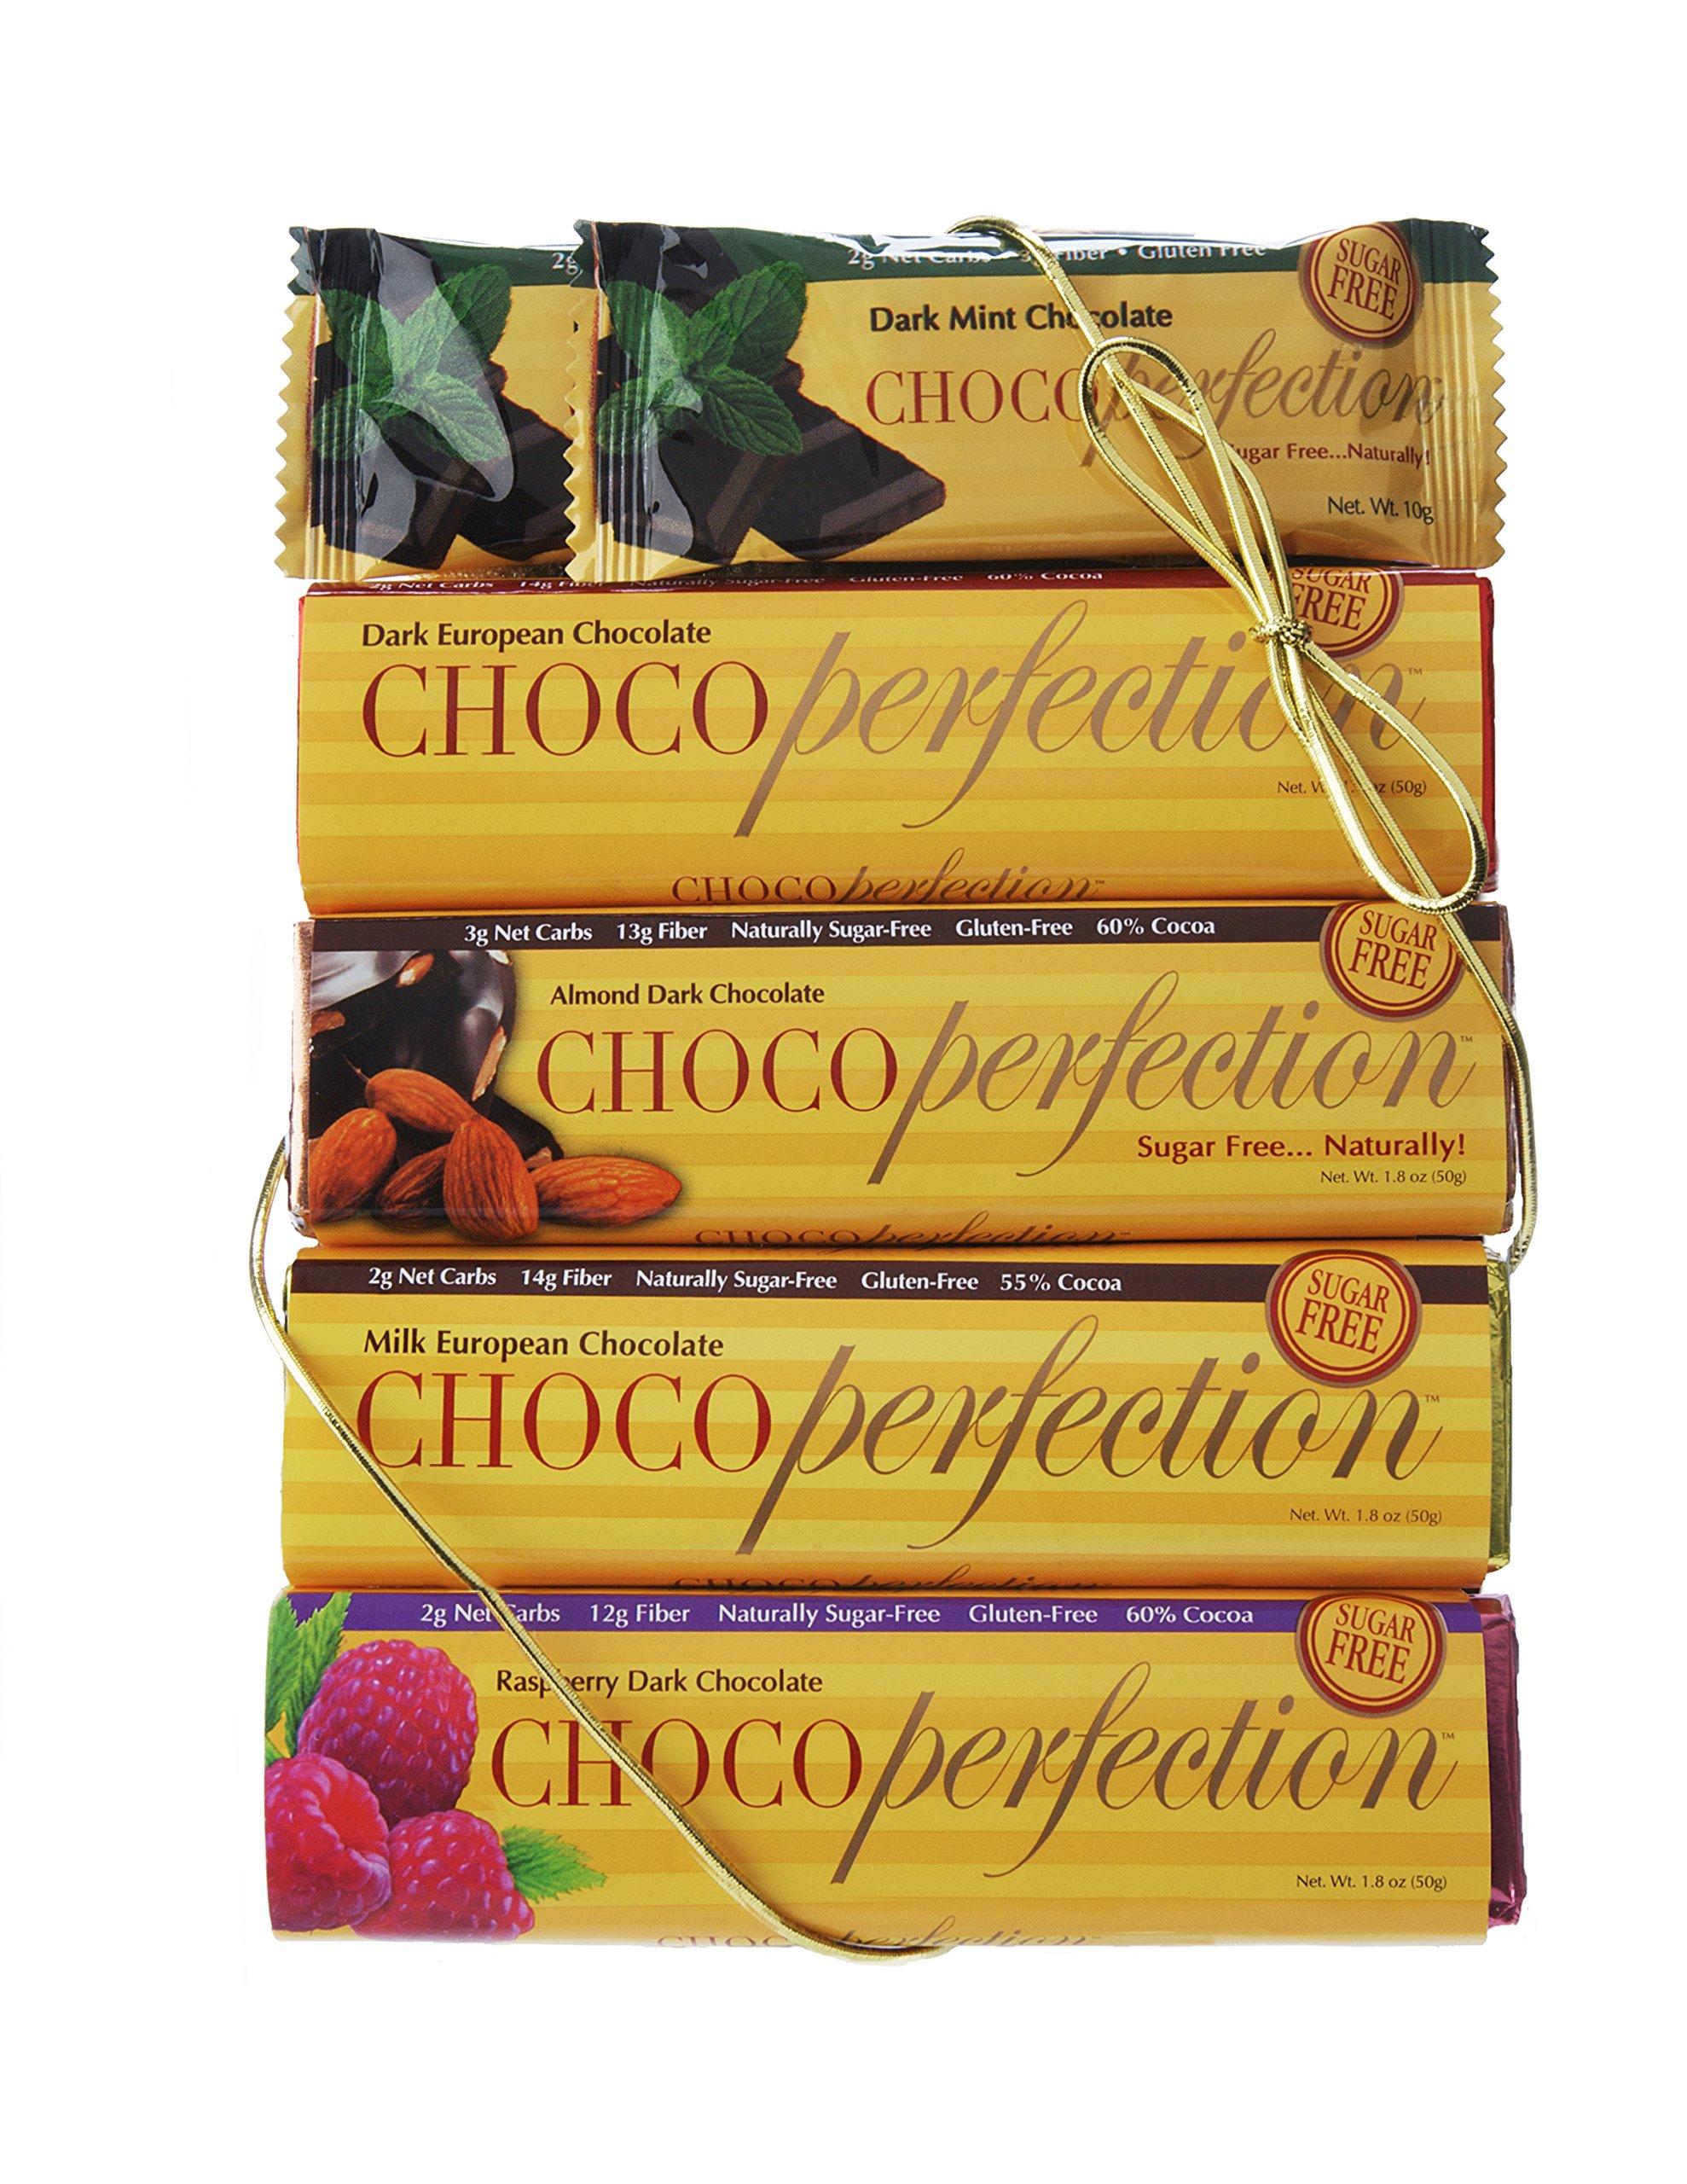 ChocoPerfection Sugar Free Chocolate Bar Variety Pack, 1 Dark, 1 Milk, 1 Dark Raspberry, 1 Dark Almond and 2 Mini Dark Mint, 6 Bars